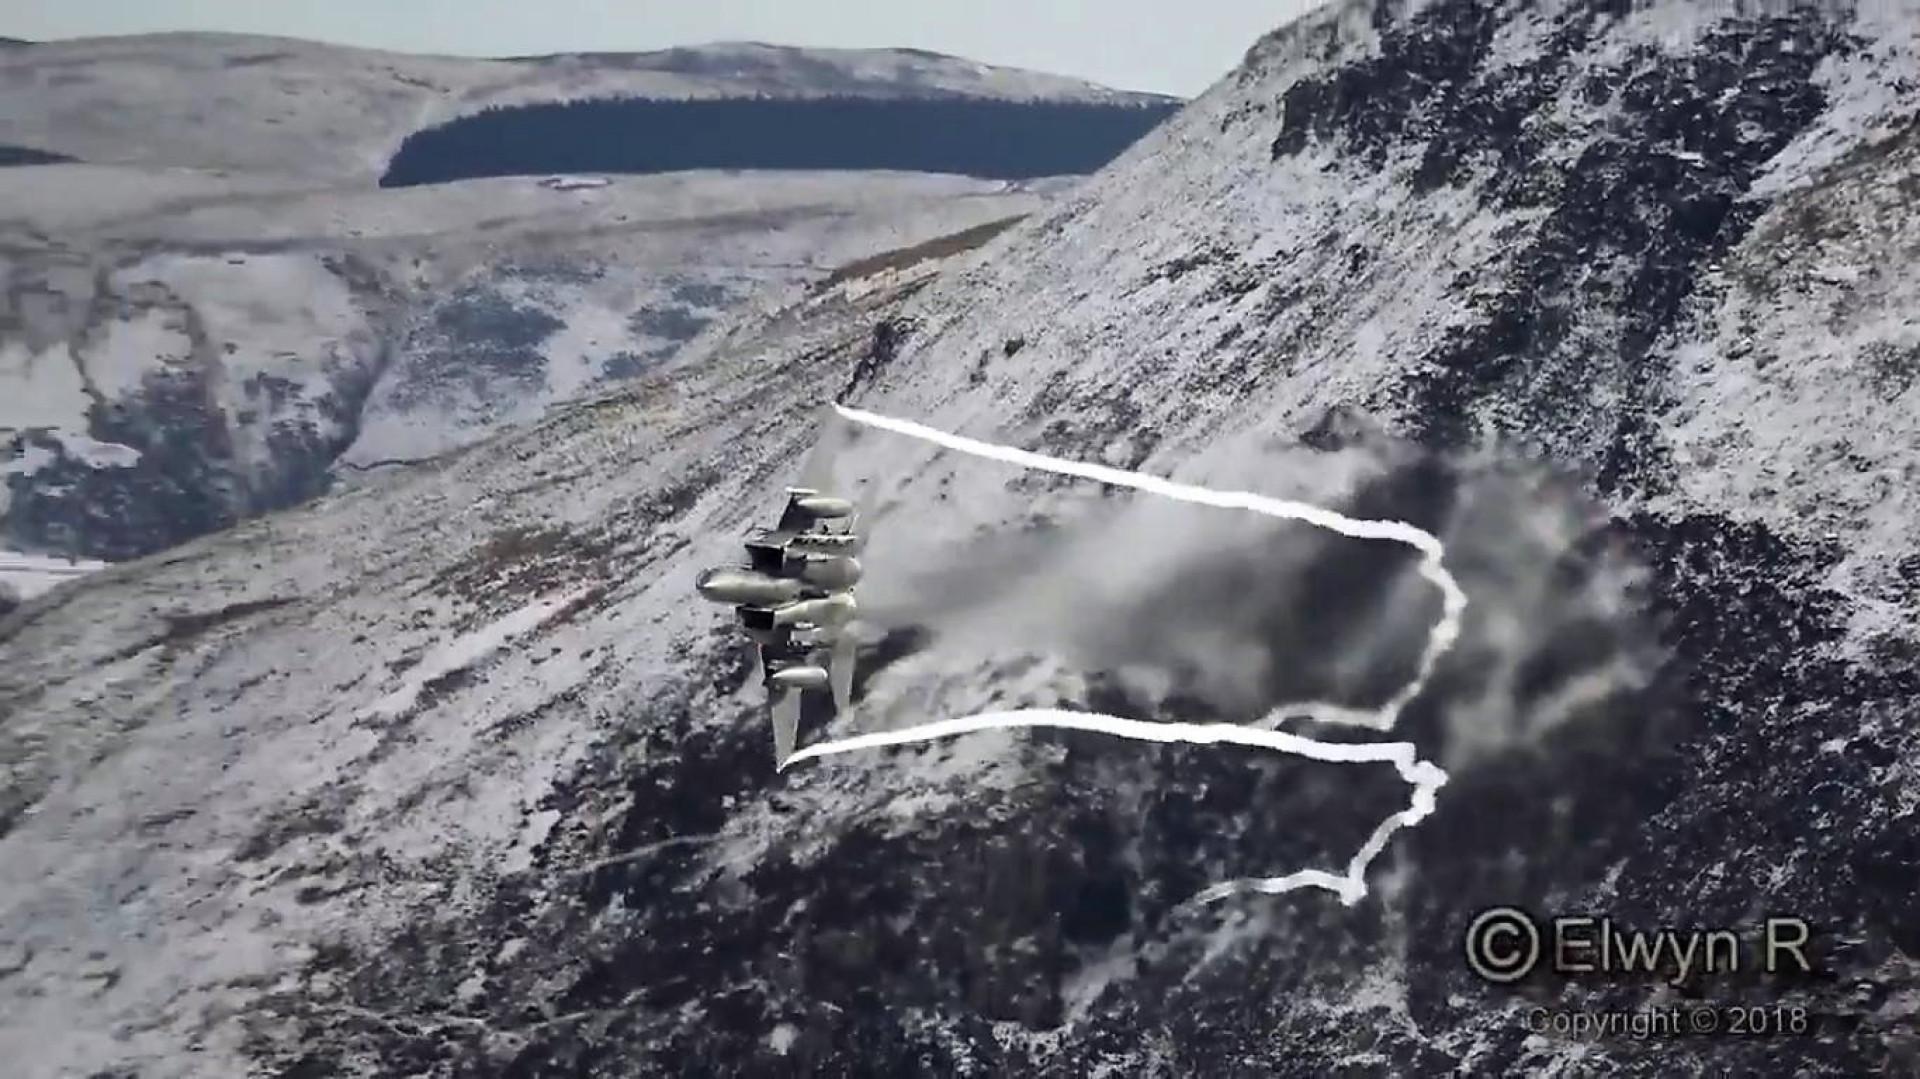 Dois caças F-15 em impressionante vídeo de manobras nas montanhas